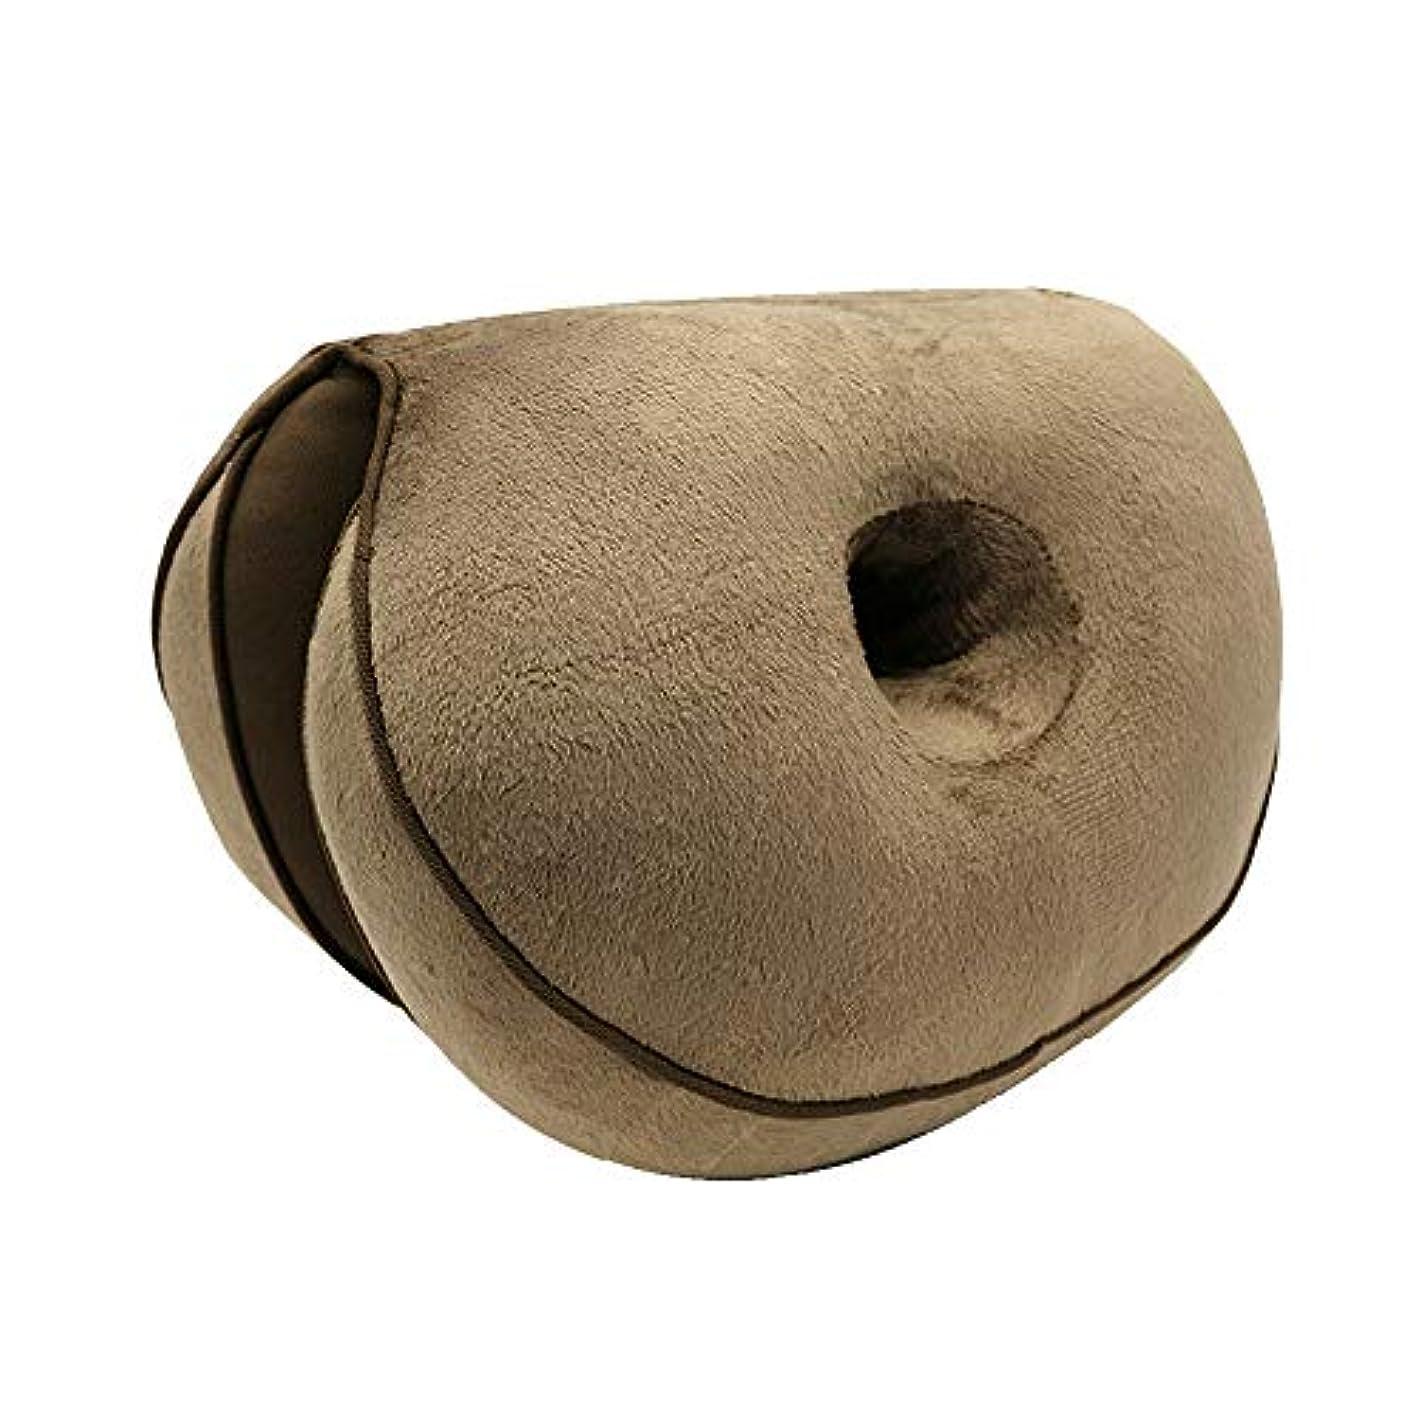 パトロール明るいめ言葉LIFE 新デュアルシートクッション低反発ラテックスオフィスチェアバックシートクッション快適な臀部マットパッド枕旅行枕女性女の子 クッション 椅子